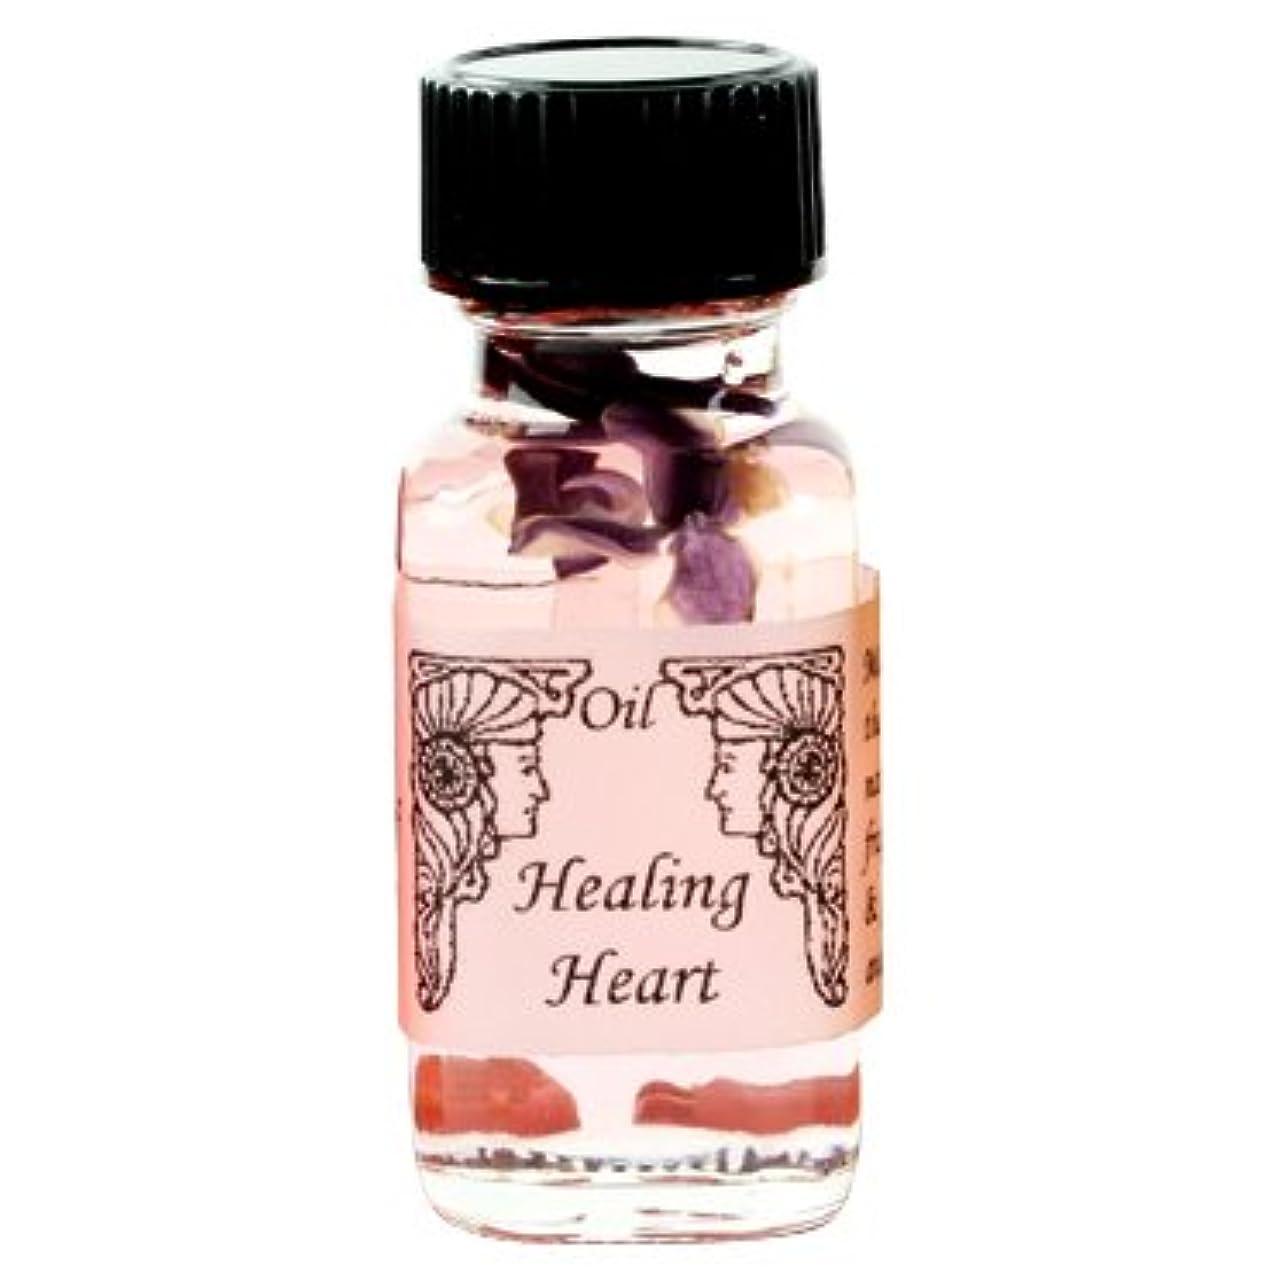 ペンフレンド奇妙な生きているアンシェントメモリーオイル ハートヒーリング Heart Healing 15ml (Ancient Memory Oils)